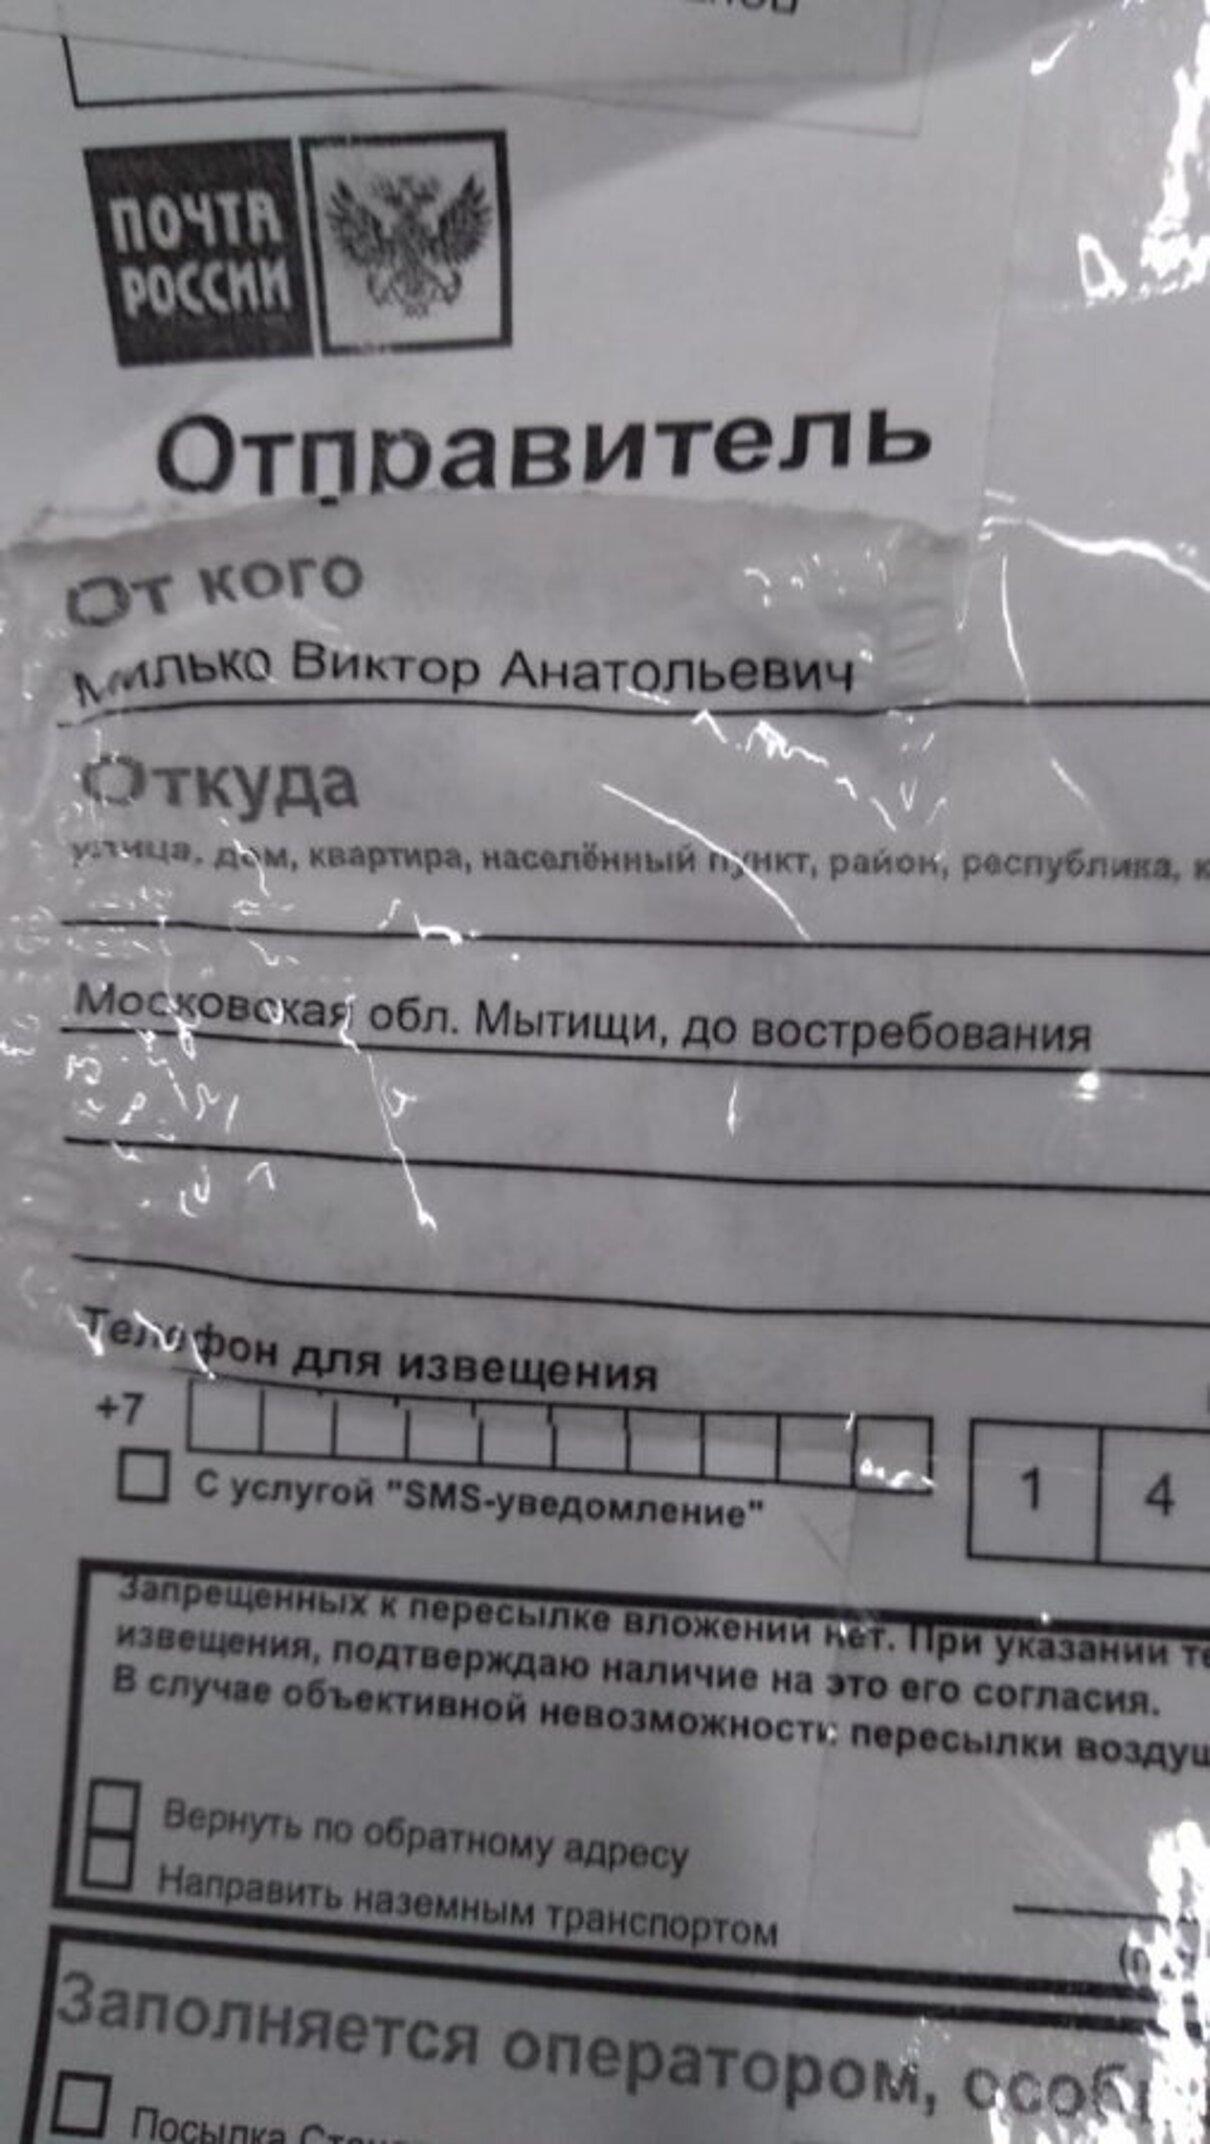 Жалоба-отзыв: Tvshop.shop@yandex.ru - Tvshop.shop@yandex.ru - несоответсвие заказу!!! Рекламируют одно прислали дешевку.  Фото №3